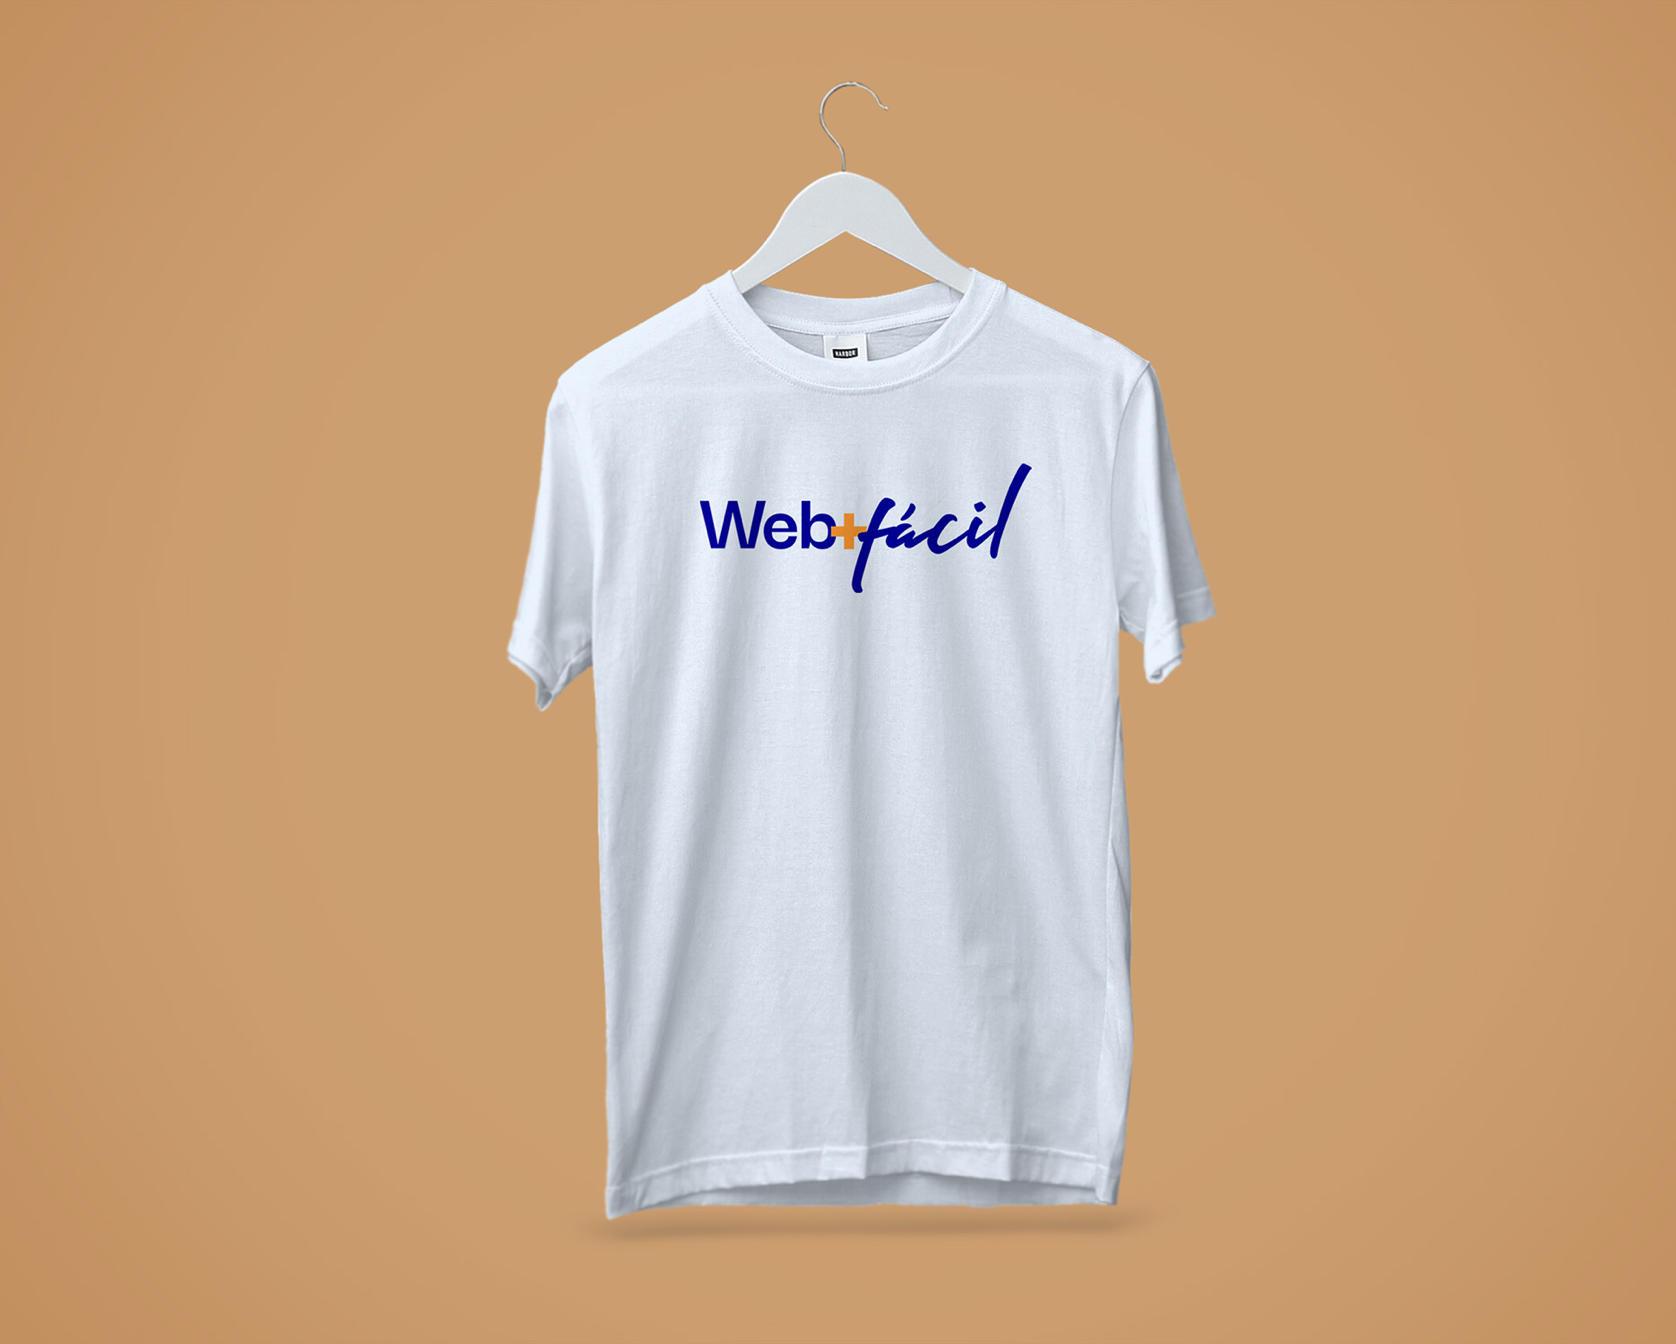 diseño-merchandising